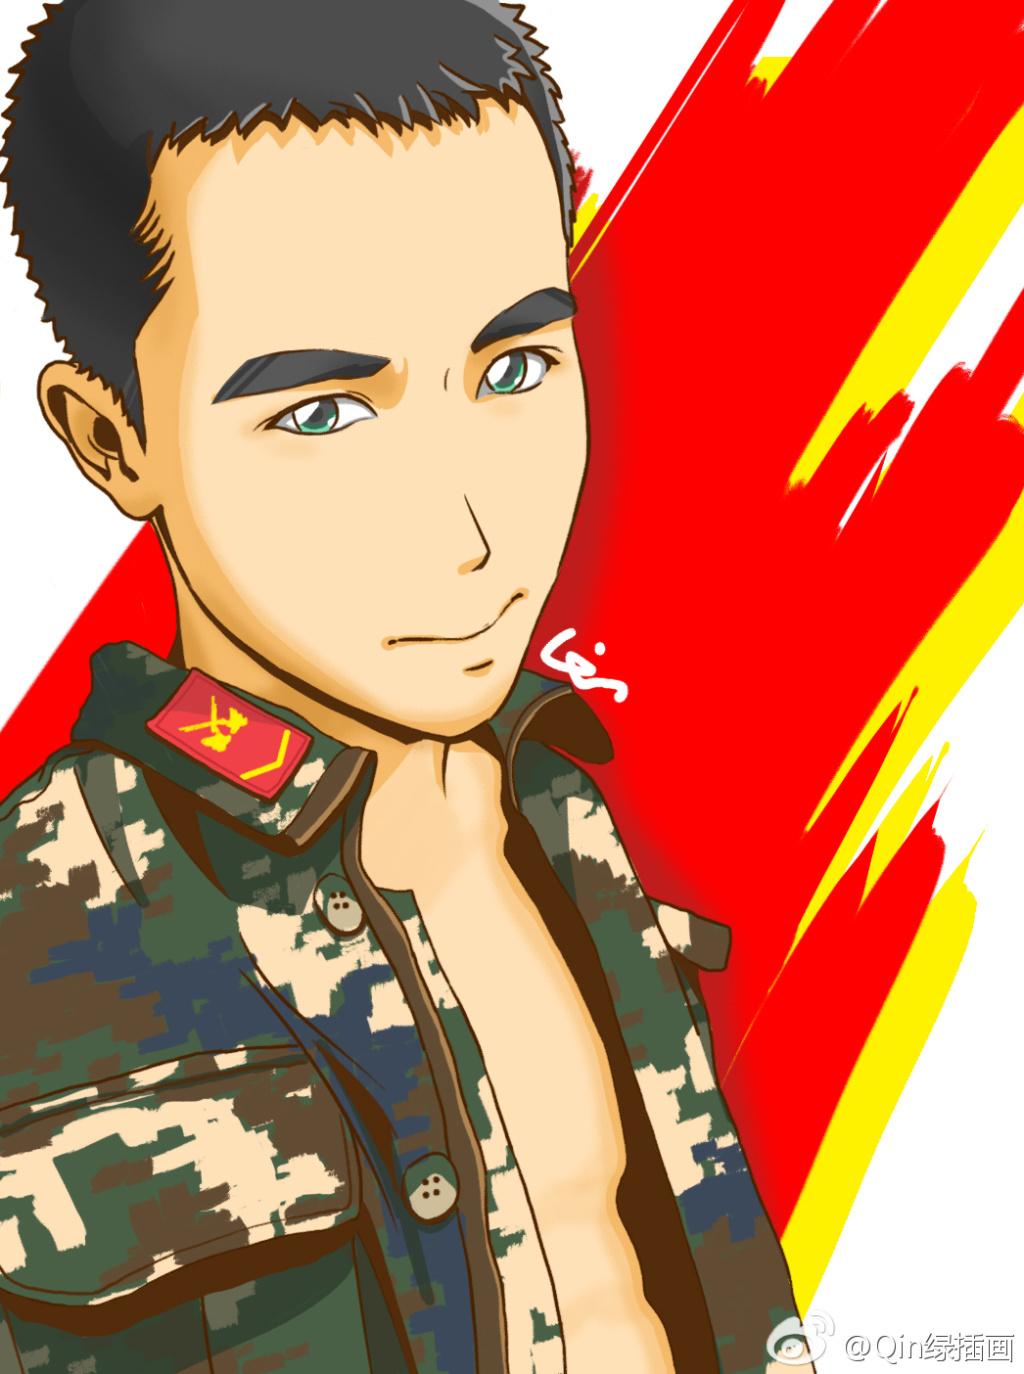 新浪_武警,陆军,军人兵哥各种插画 插画 商业插画 Qin设计 - 原创 ...